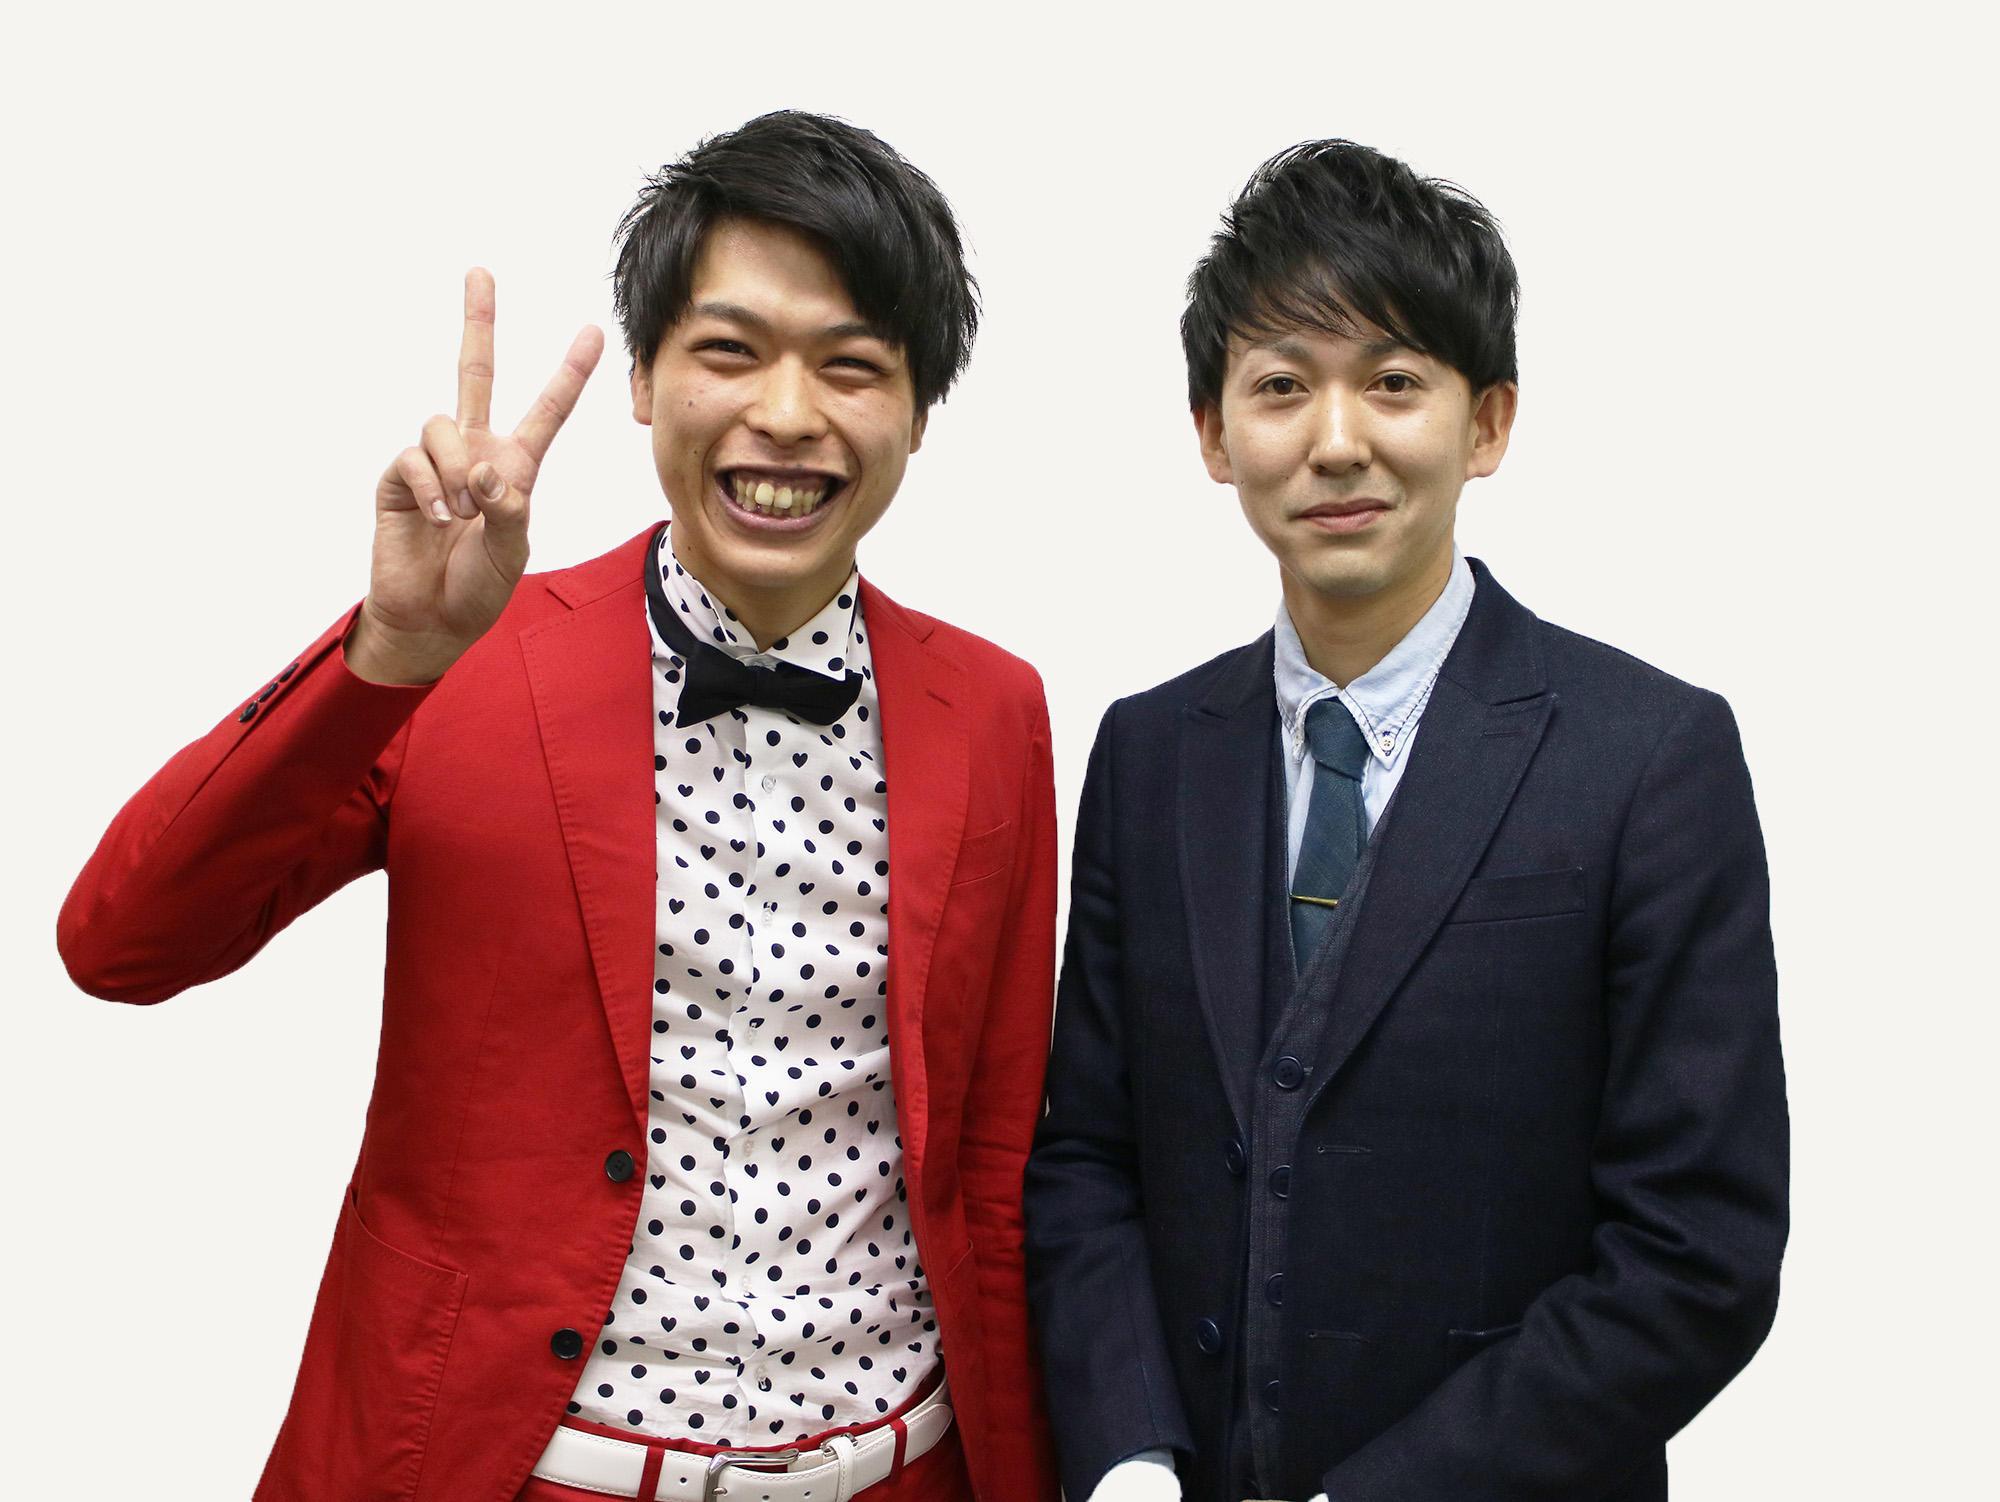 http://news.yoshimoto.co.jp/20180511145910-676b8e61f972a0f9a39a57de659dcbc733669918.jpg